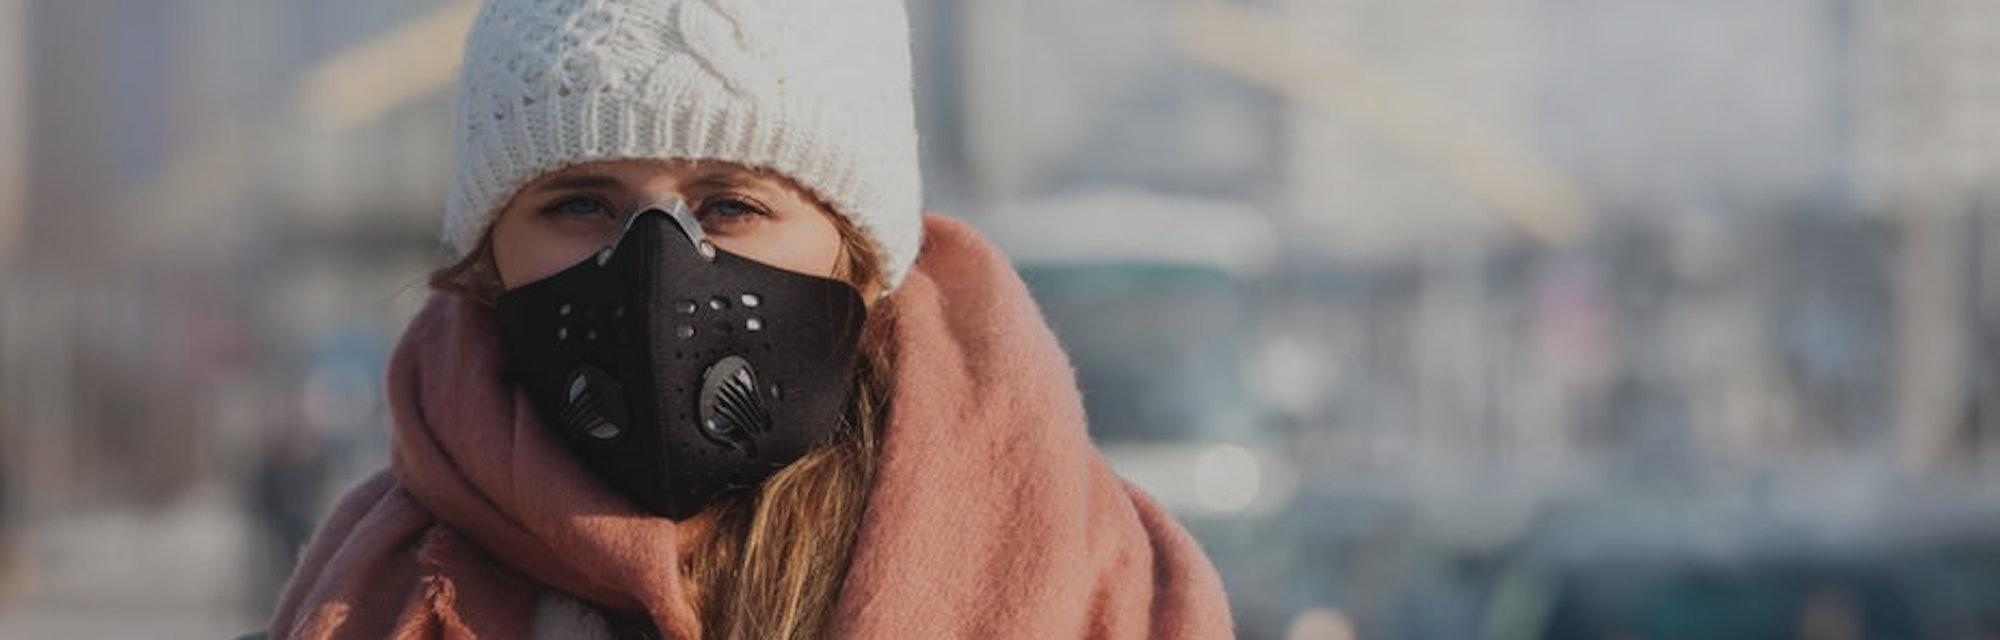 mask n95 and masks n99